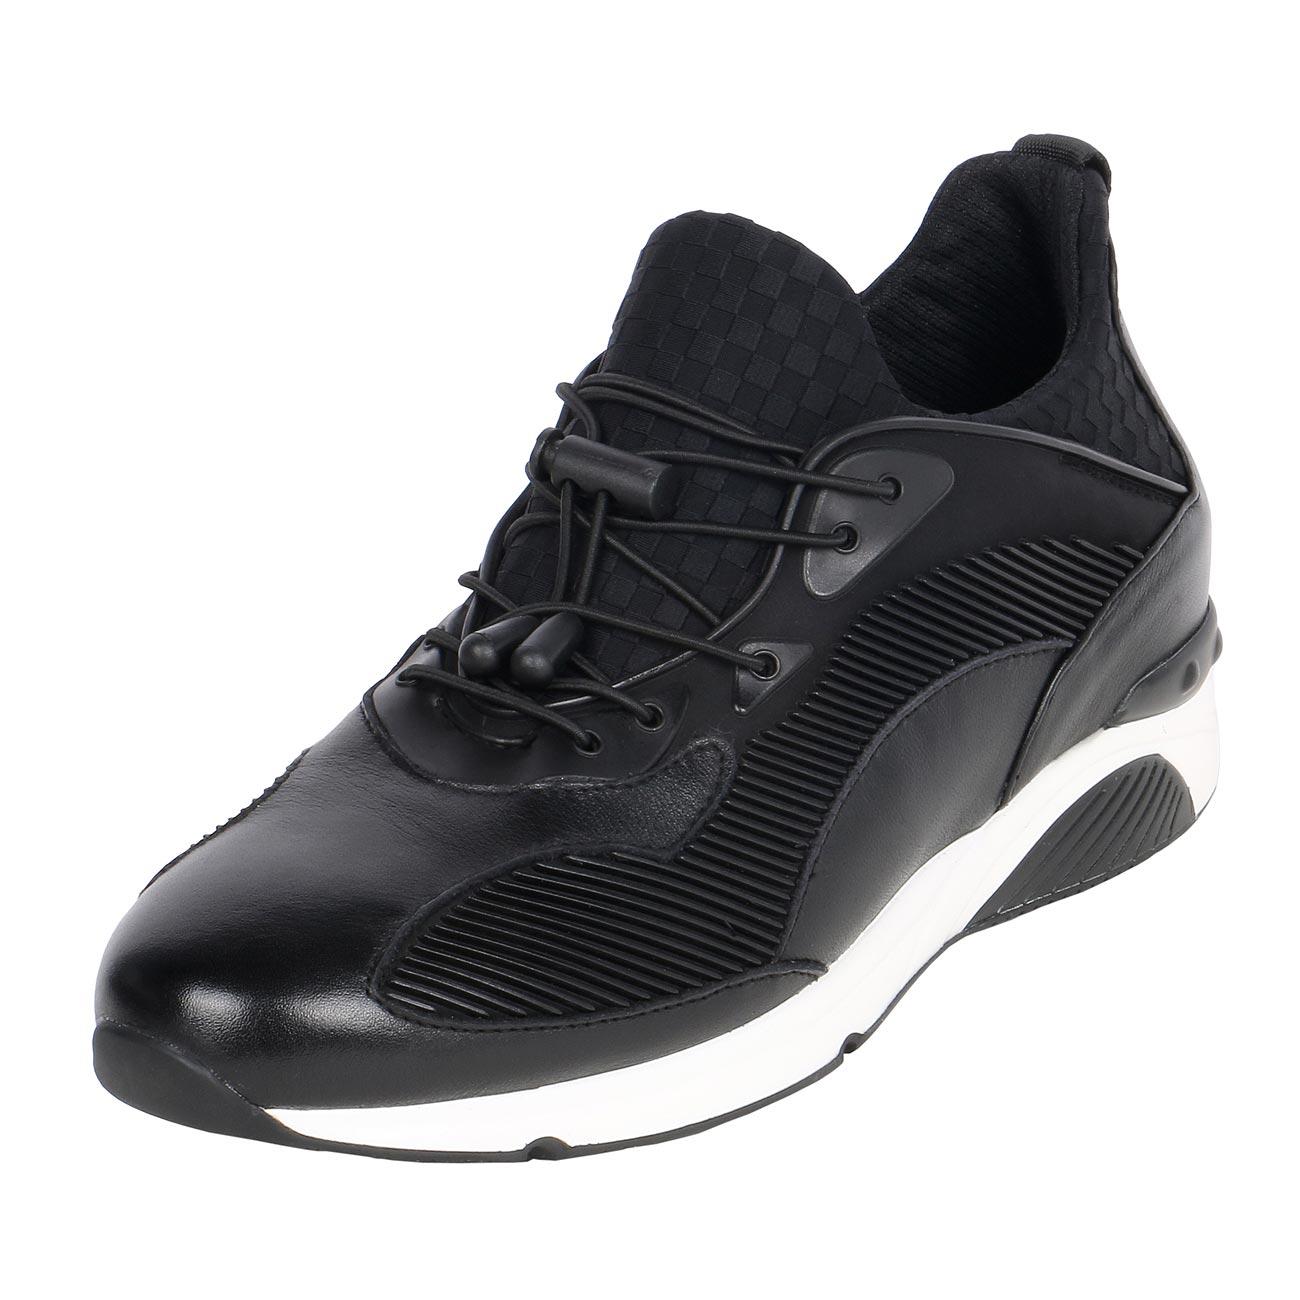 Men's Outdoor Tennis Shoe Adding Height-1